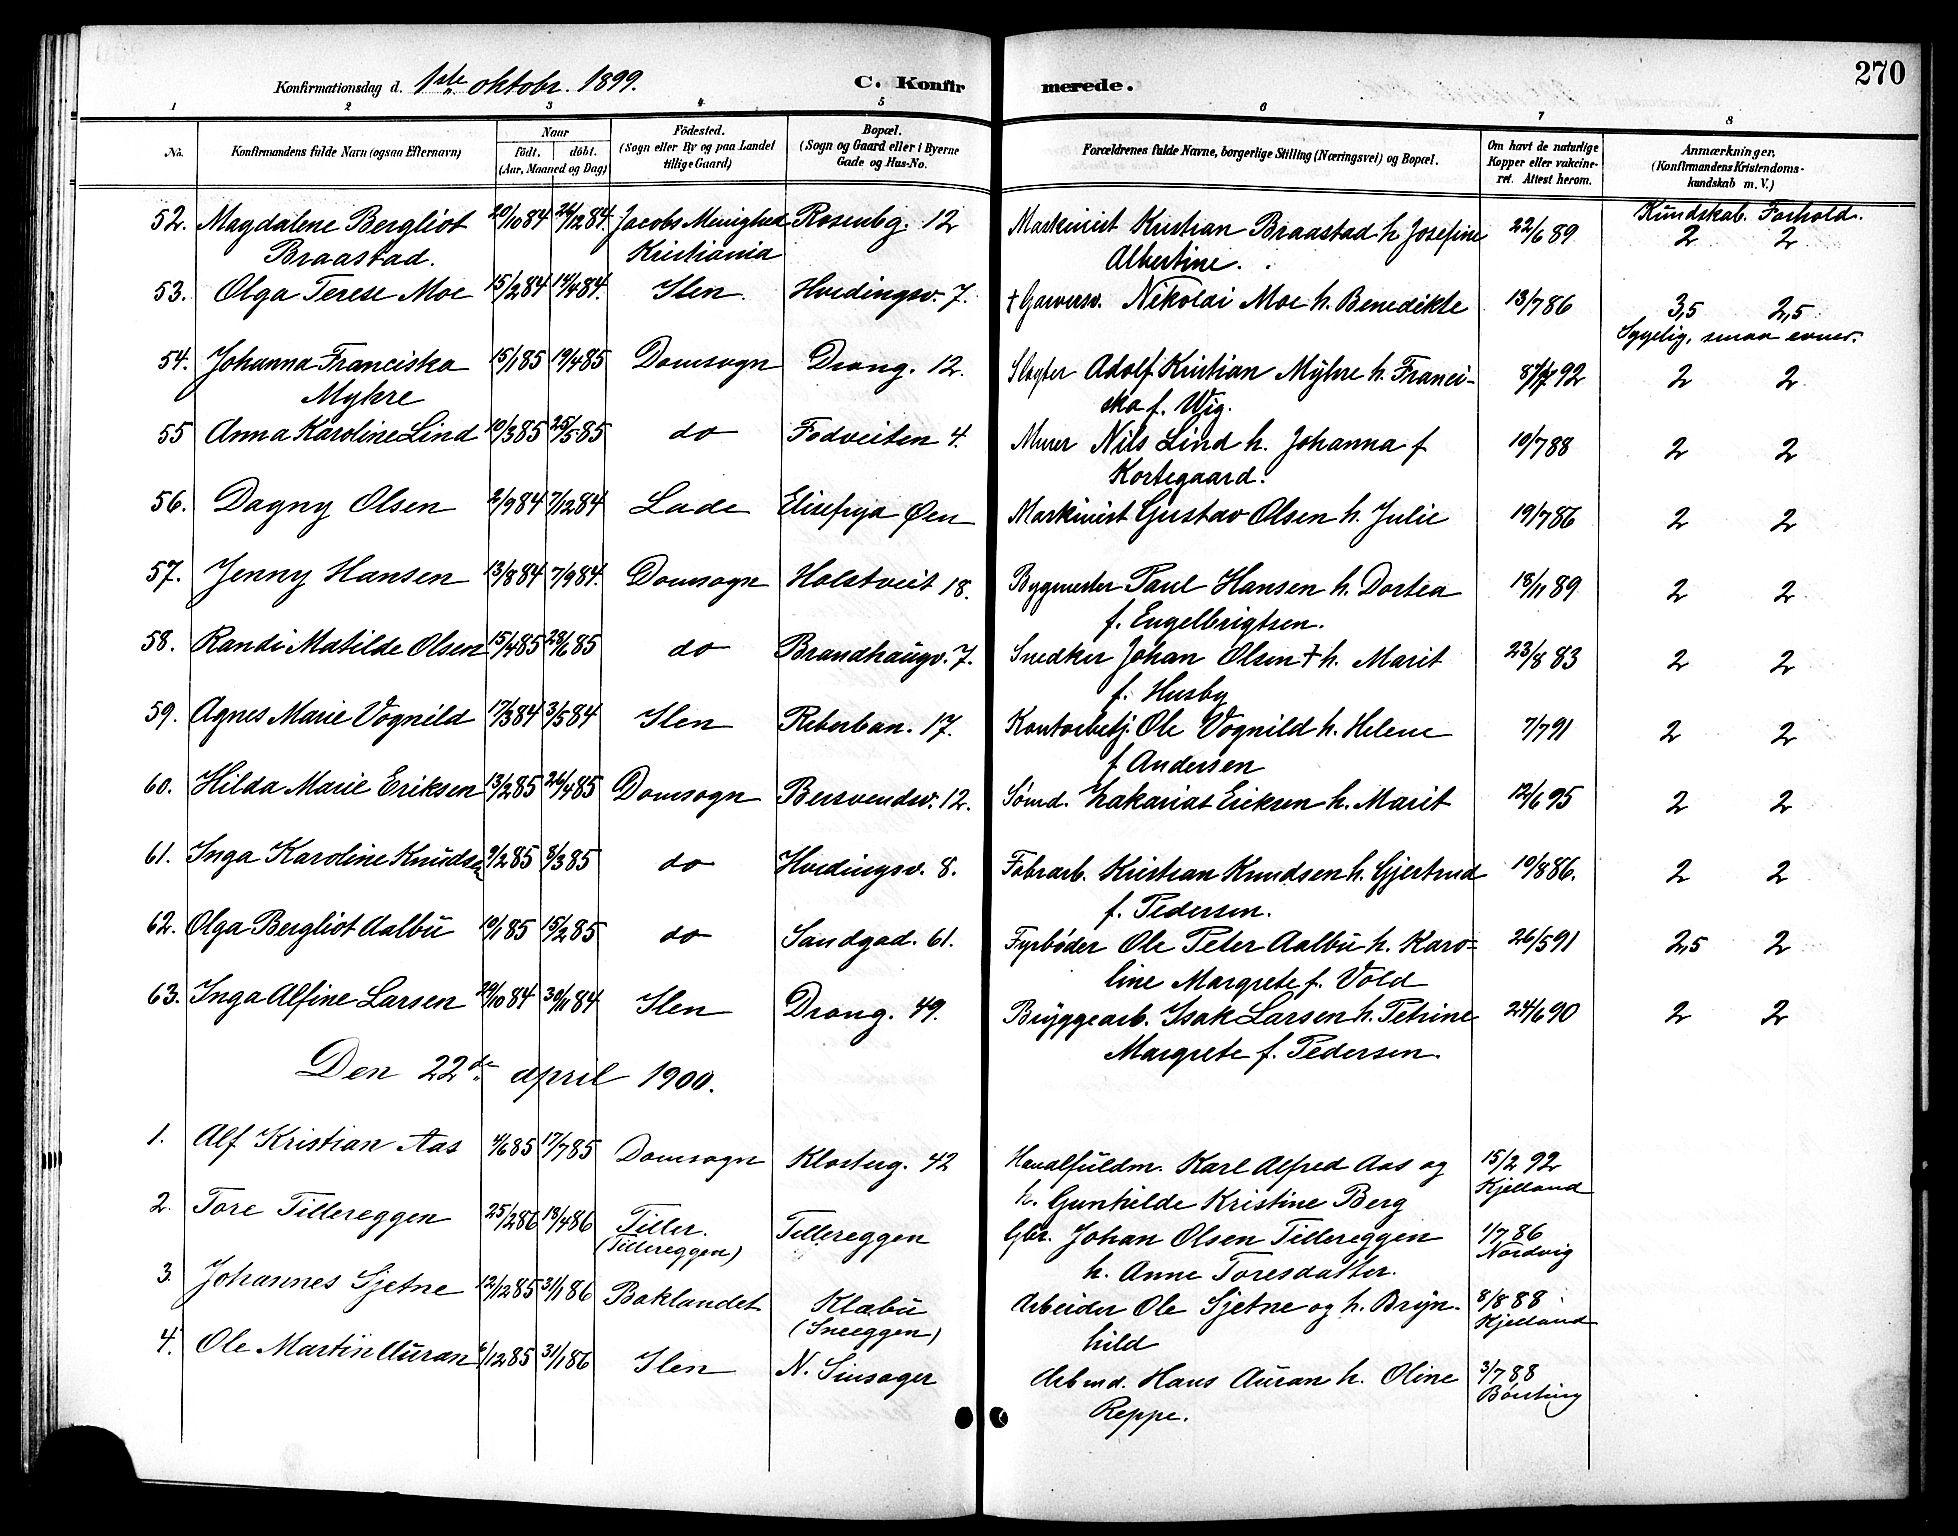 SAT, Ministerialprotokoller, klokkerbøker og fødselsregistre - Sør-Trøndelag, 601/L0094: Klokkerbok nr. 601C12, 1898-1911, s. 270